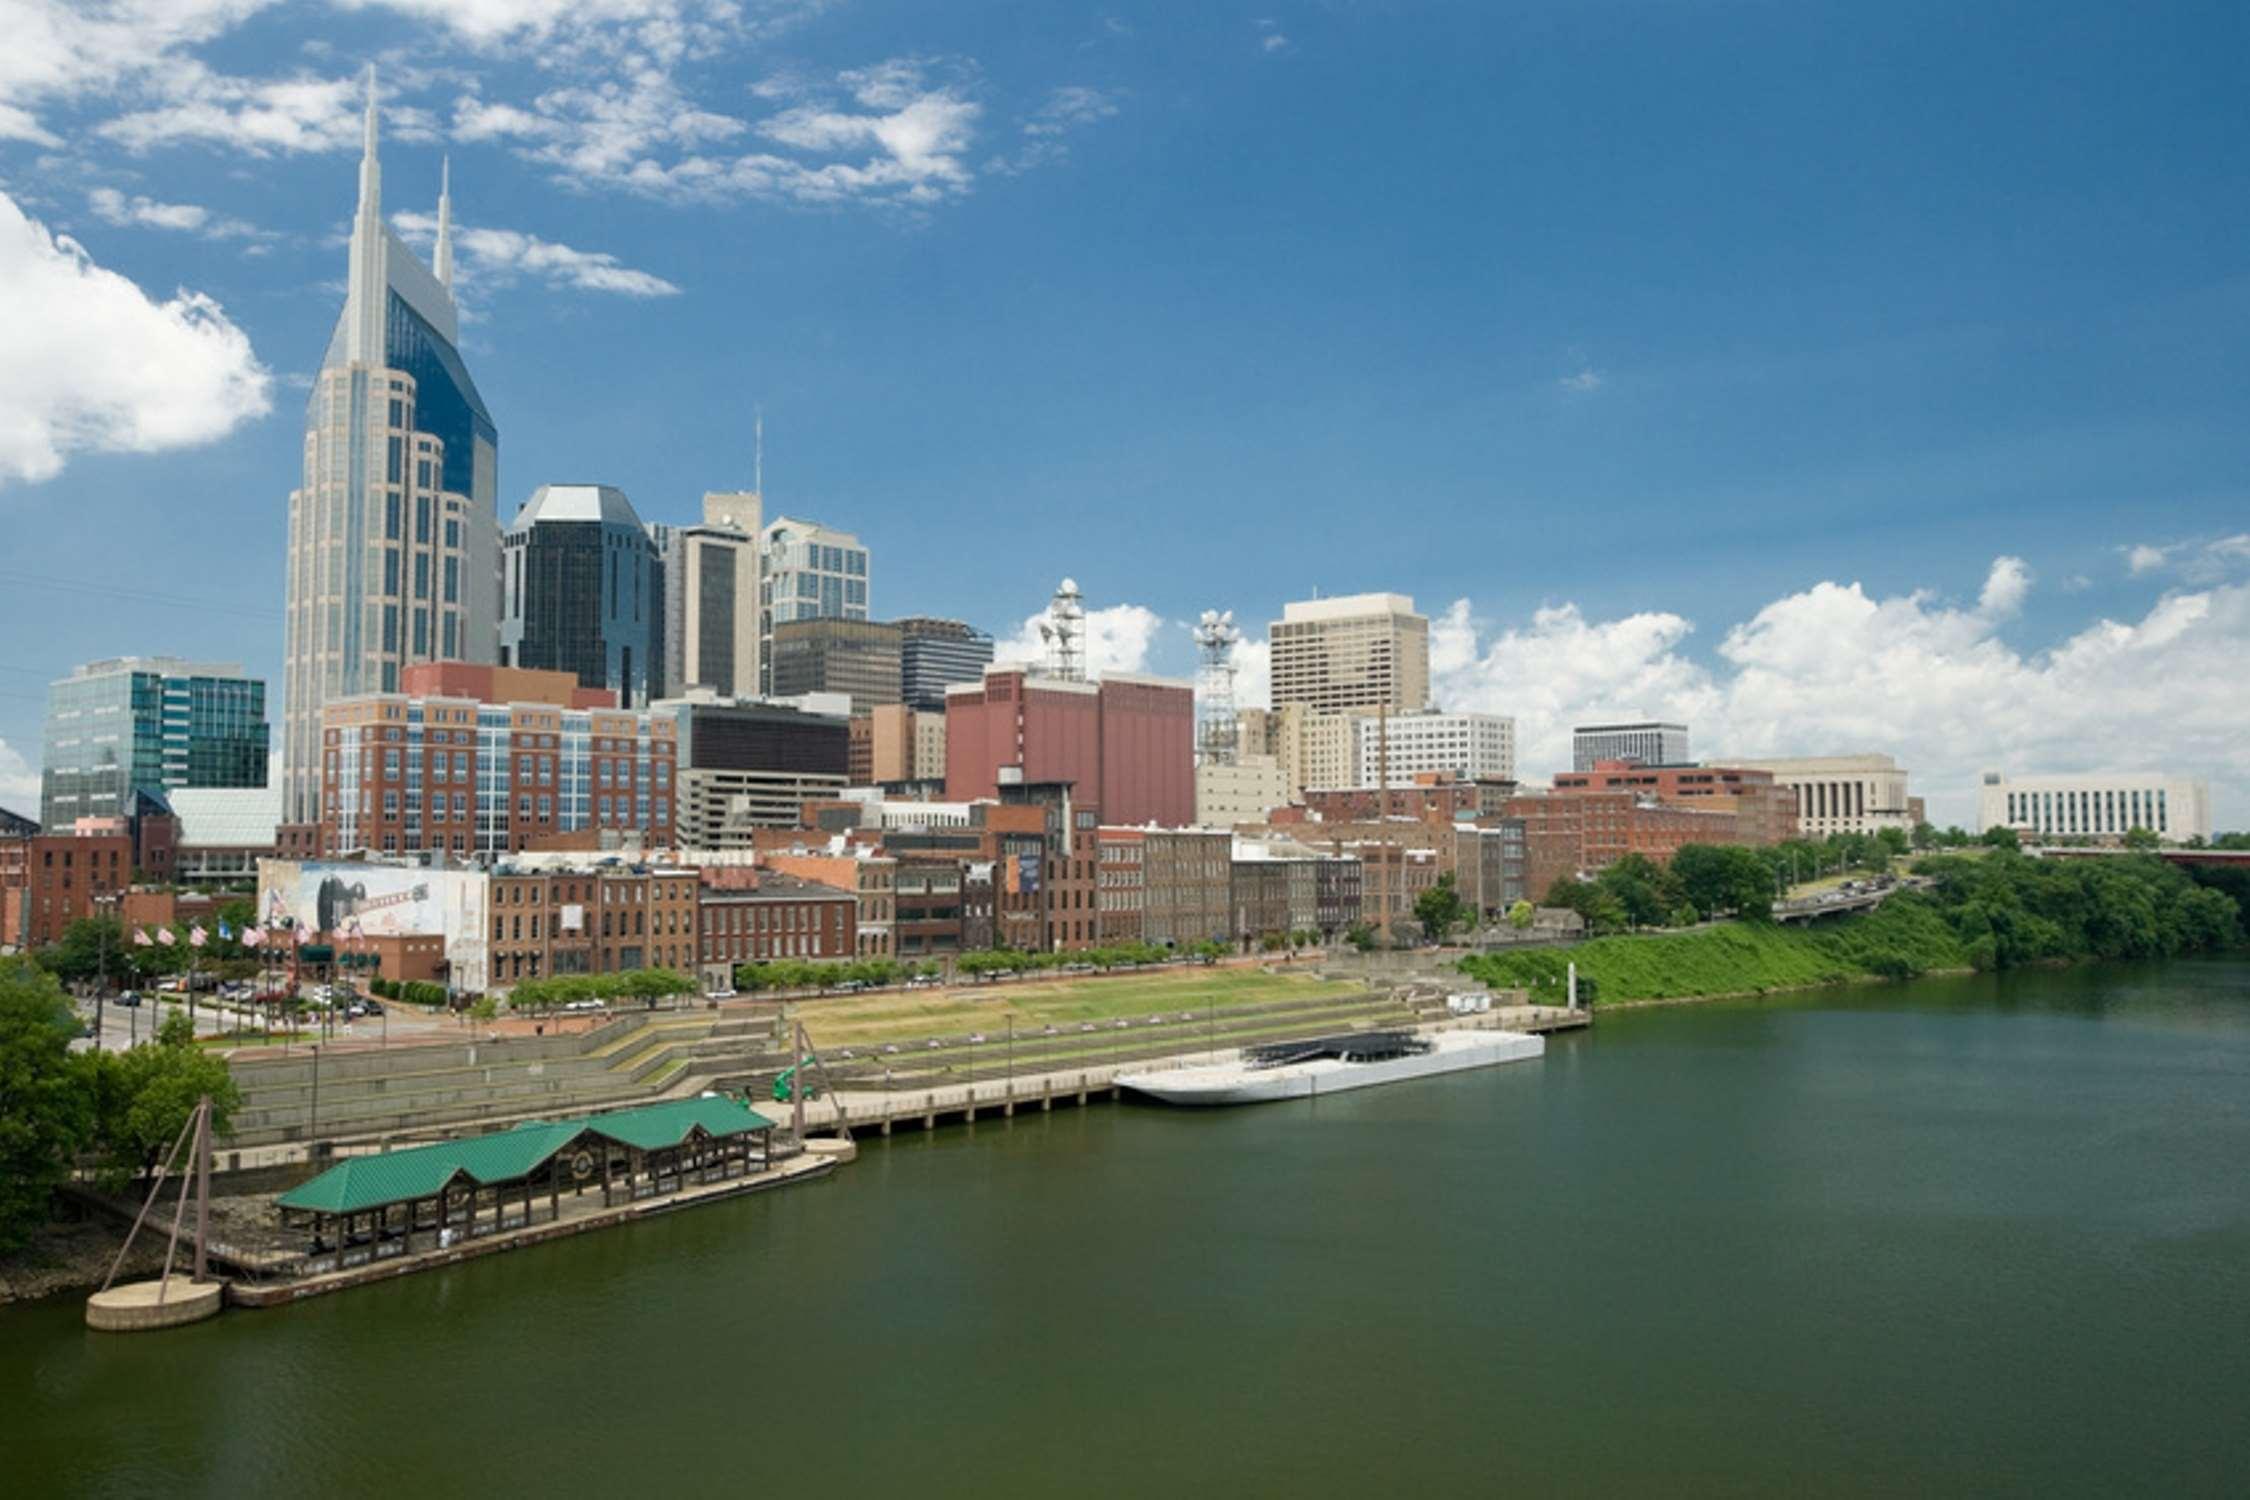 Embassy Suites by Hilton Nashville at Vanderbilt image 1